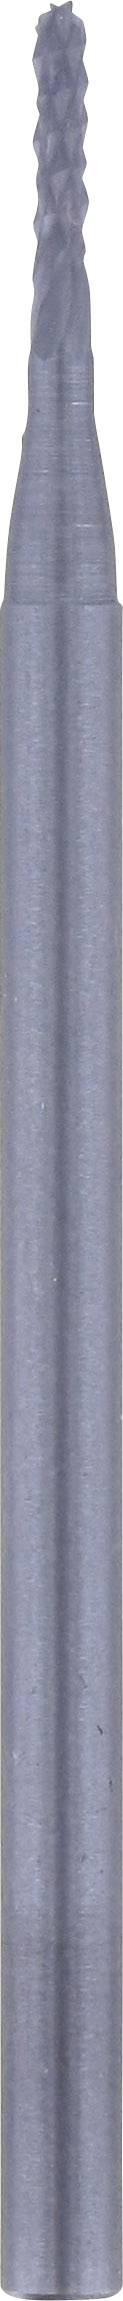 Náhradní frézka na spárovací hmotu Dremel, Ø 3,2 mm, 2.615.056.932